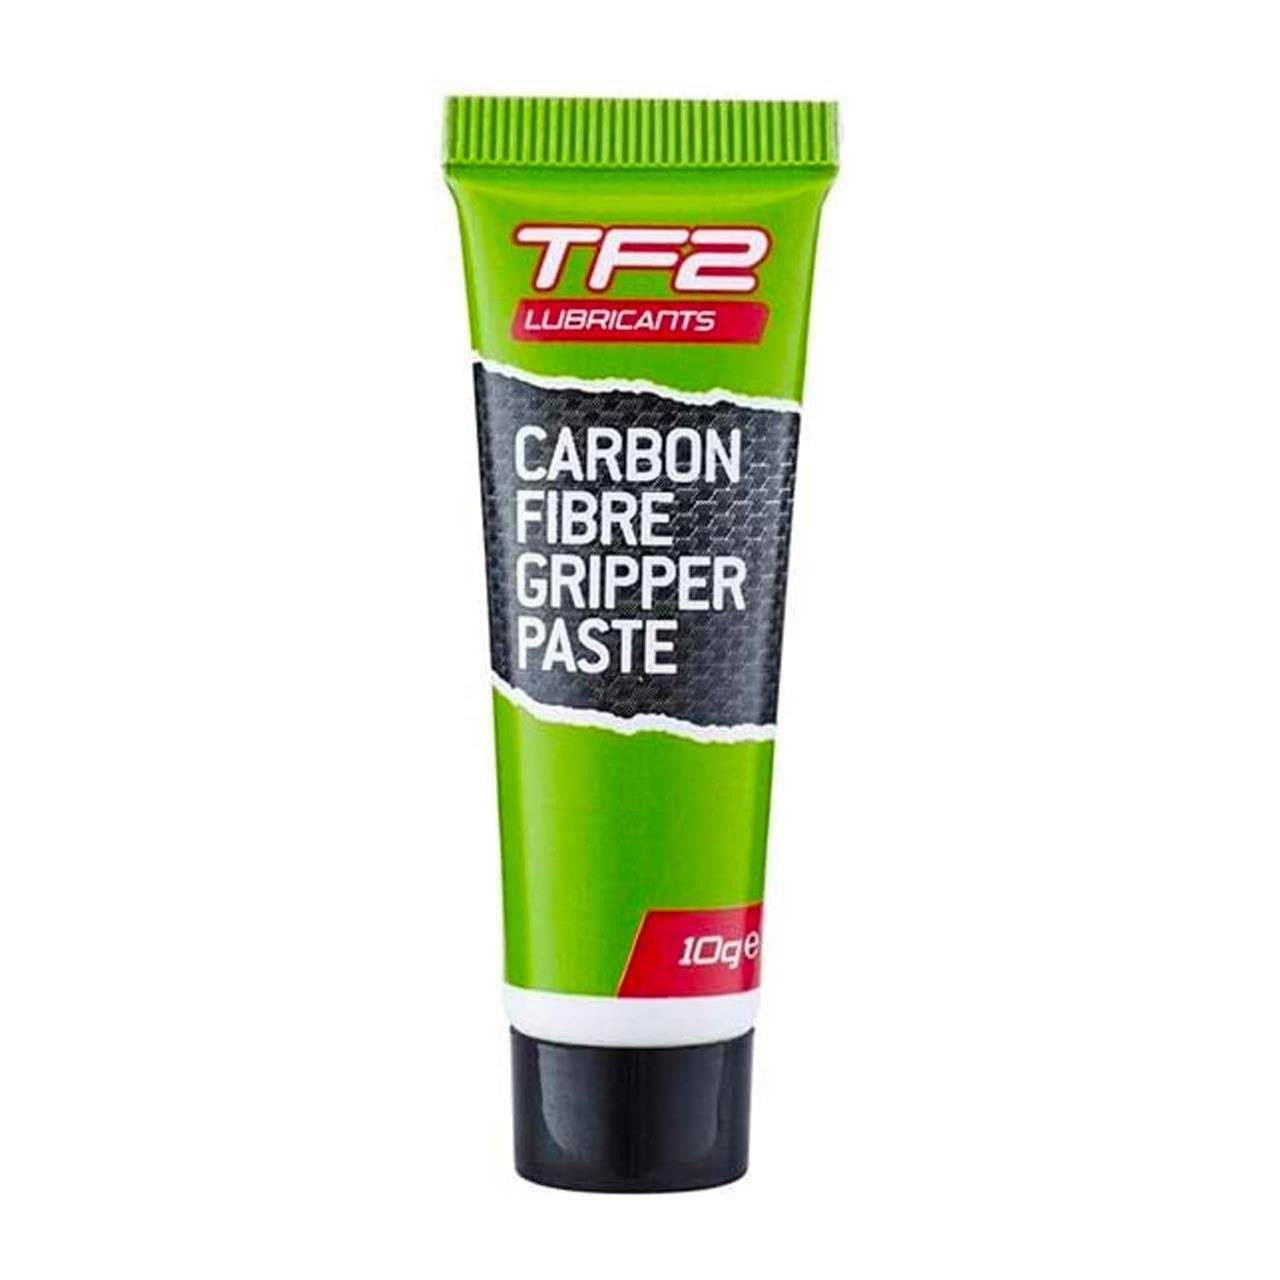 TF2 Lubricants Carbon Fibre Gripper Paste (10 g)